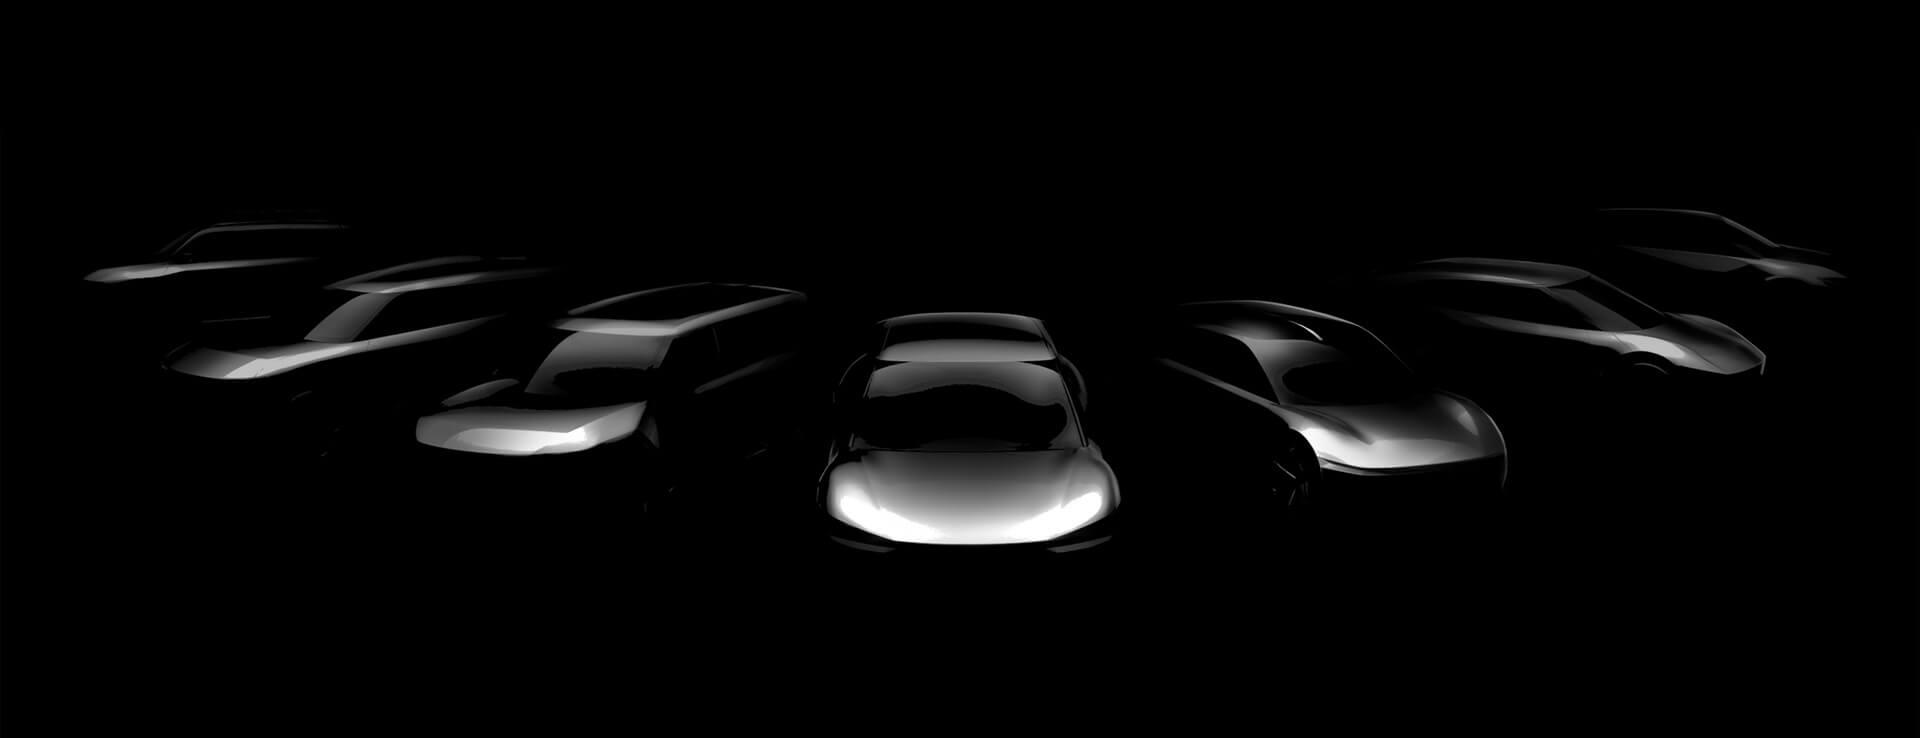 Семь новых специализированных электромобилей Kia будут выпущены к 2027 году в нескольких сегментах